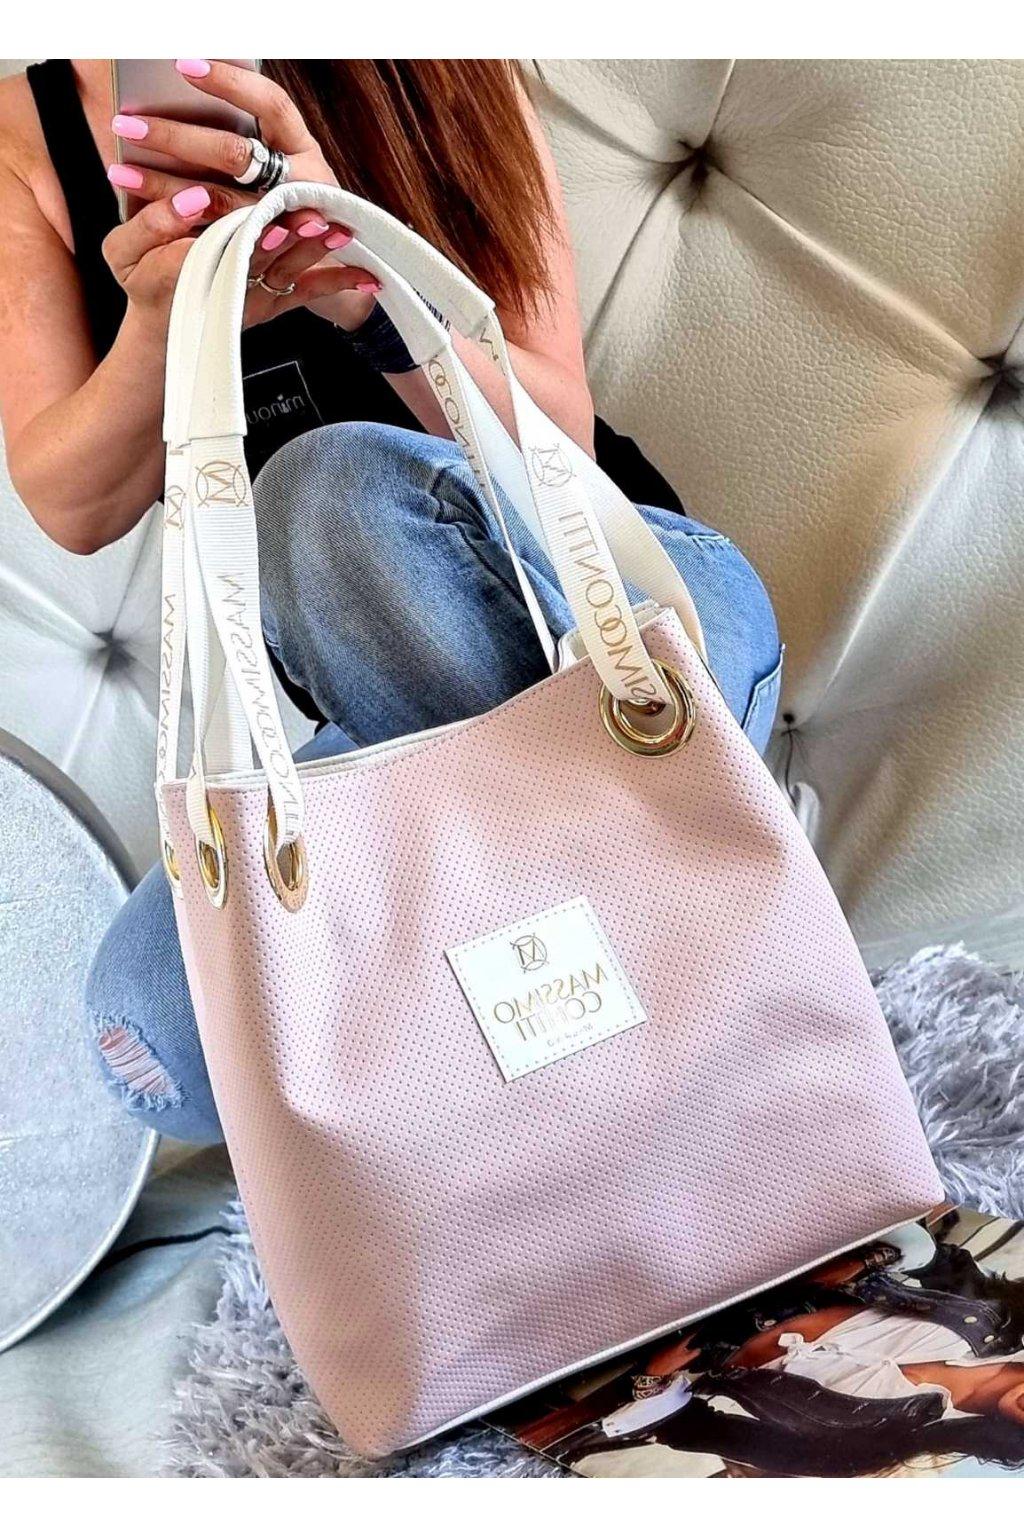 kabelka massimo contti růžová trendy značková luxusní kabelka